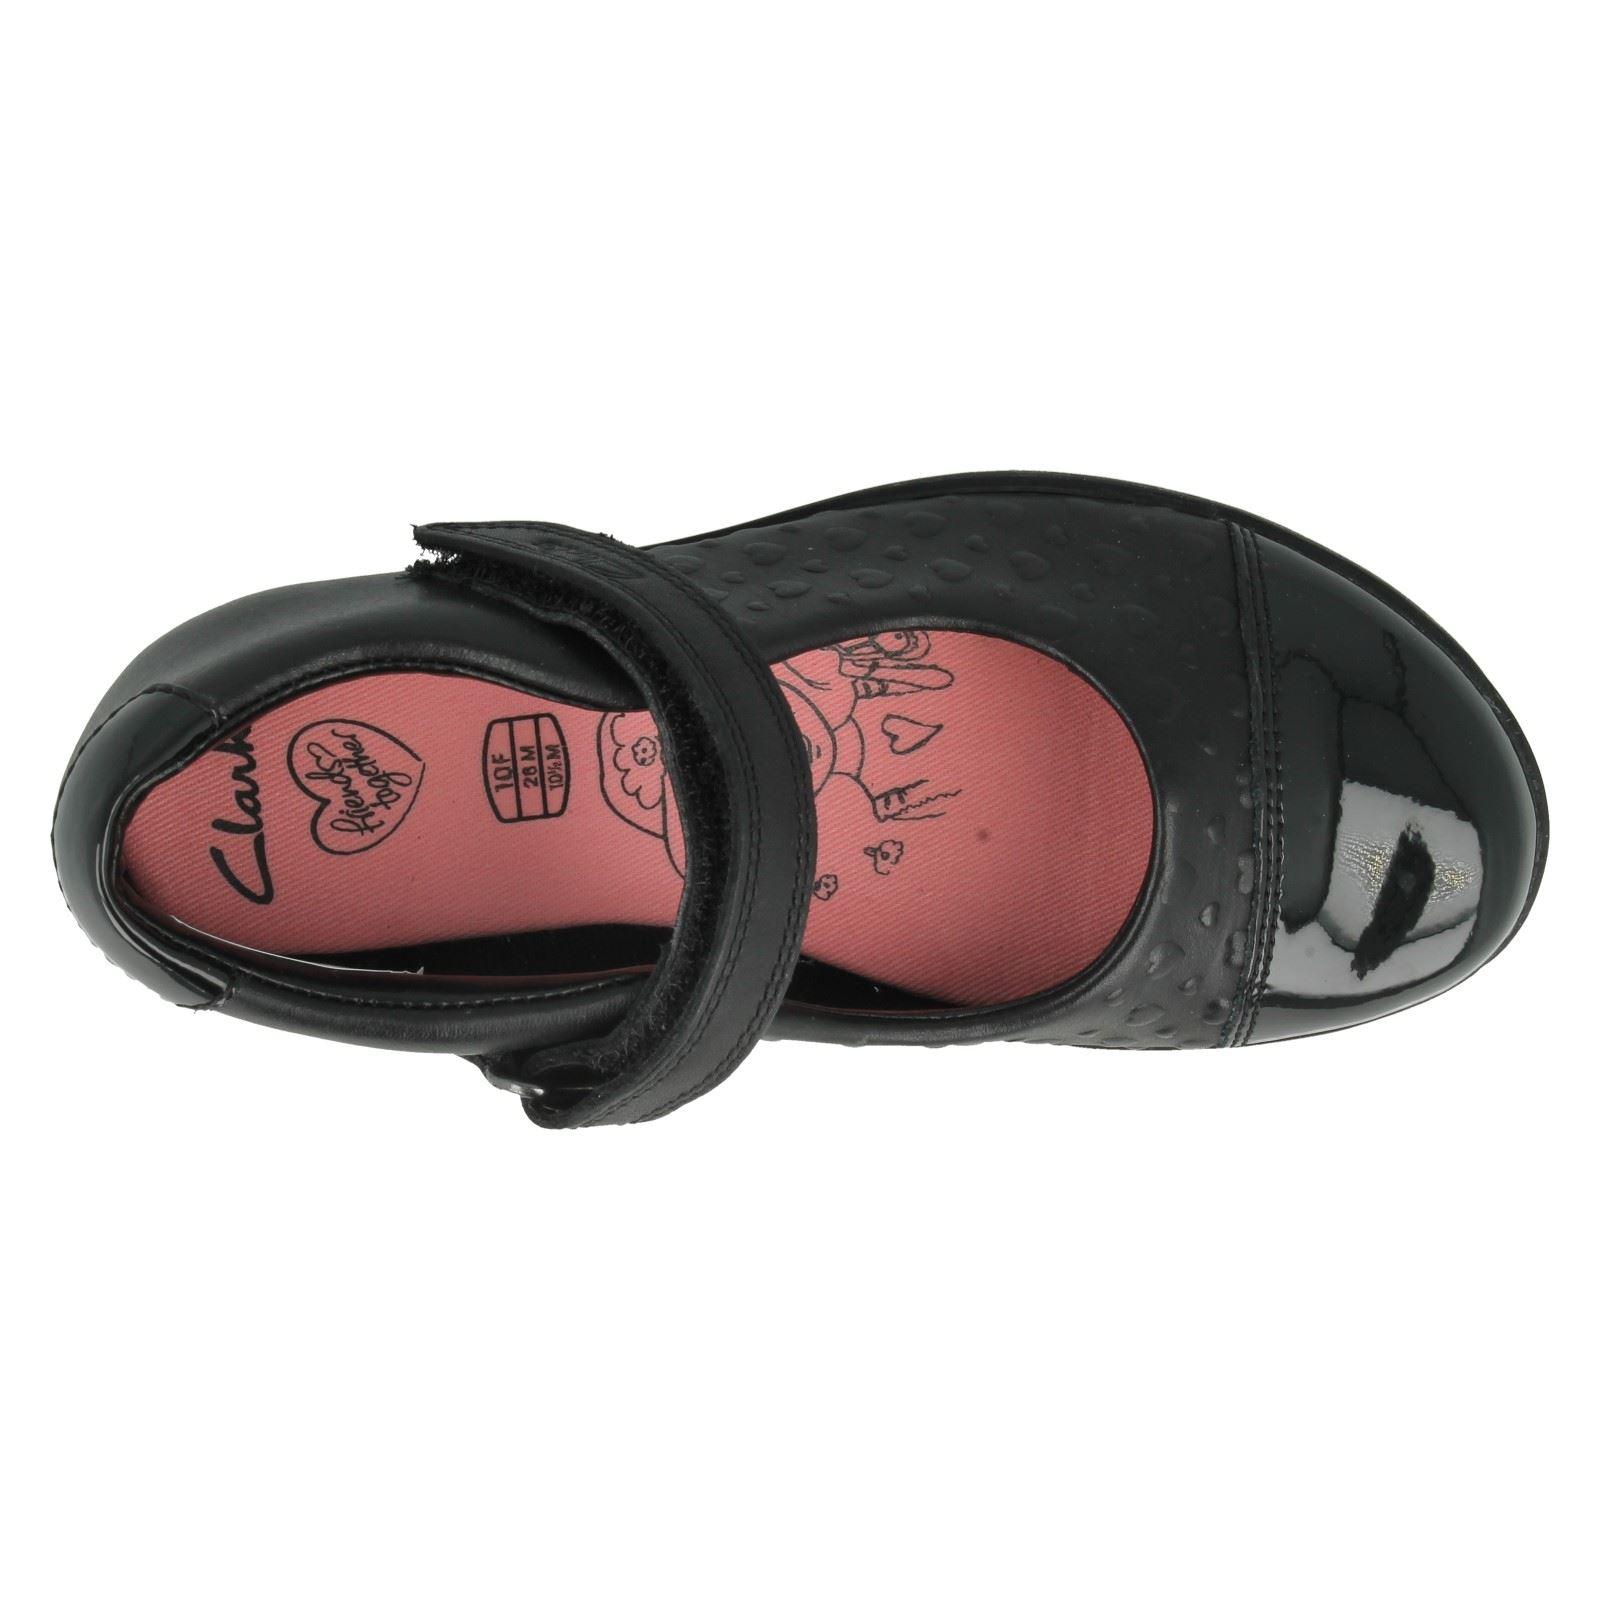 Girls Clarks School Shoes Label Friendplay